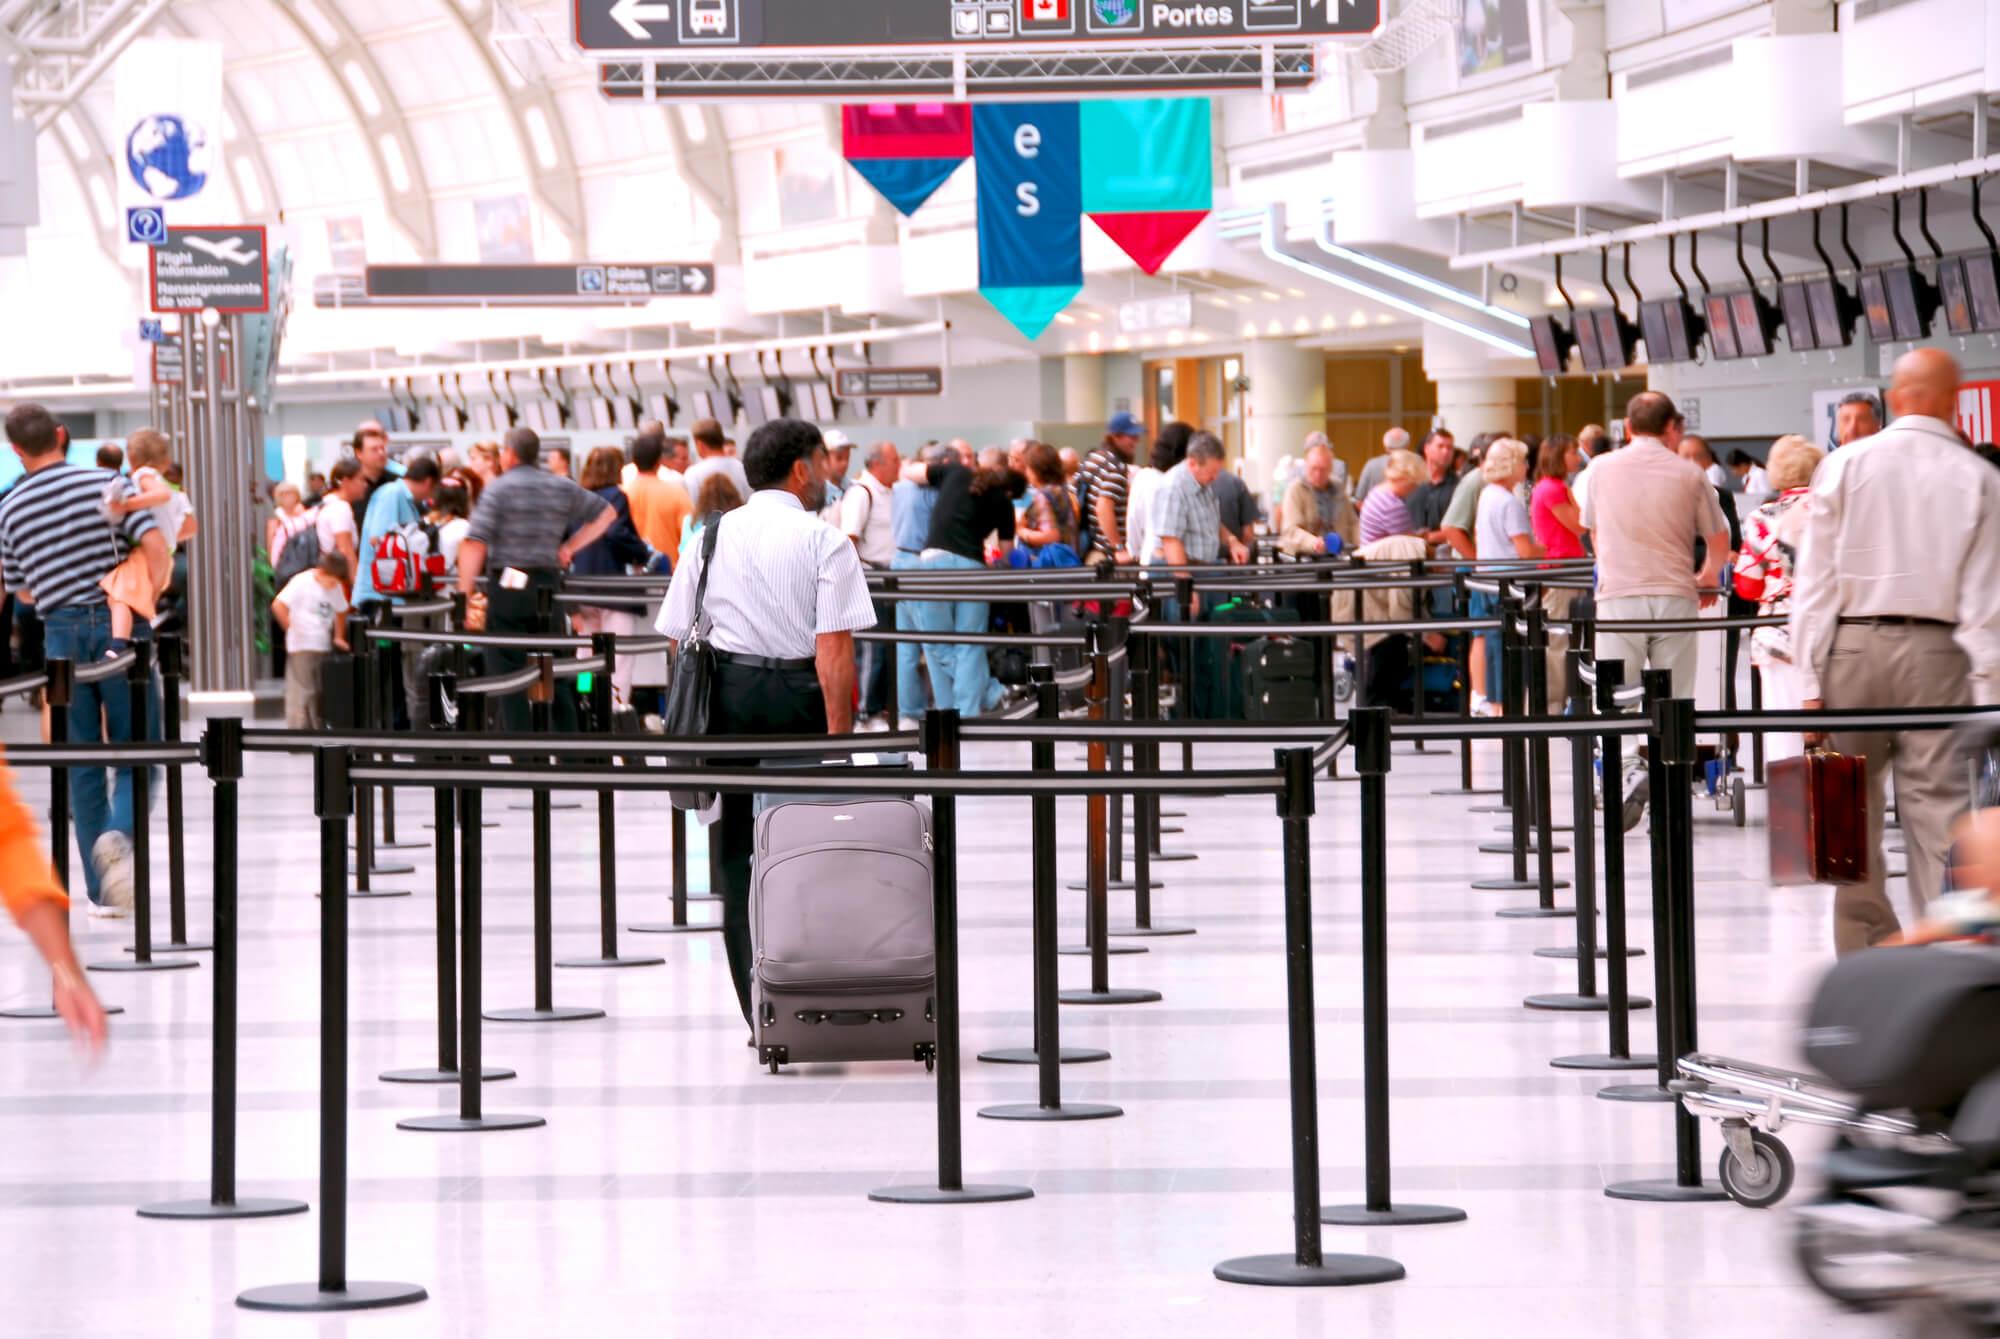 Empleo en aeropuertos